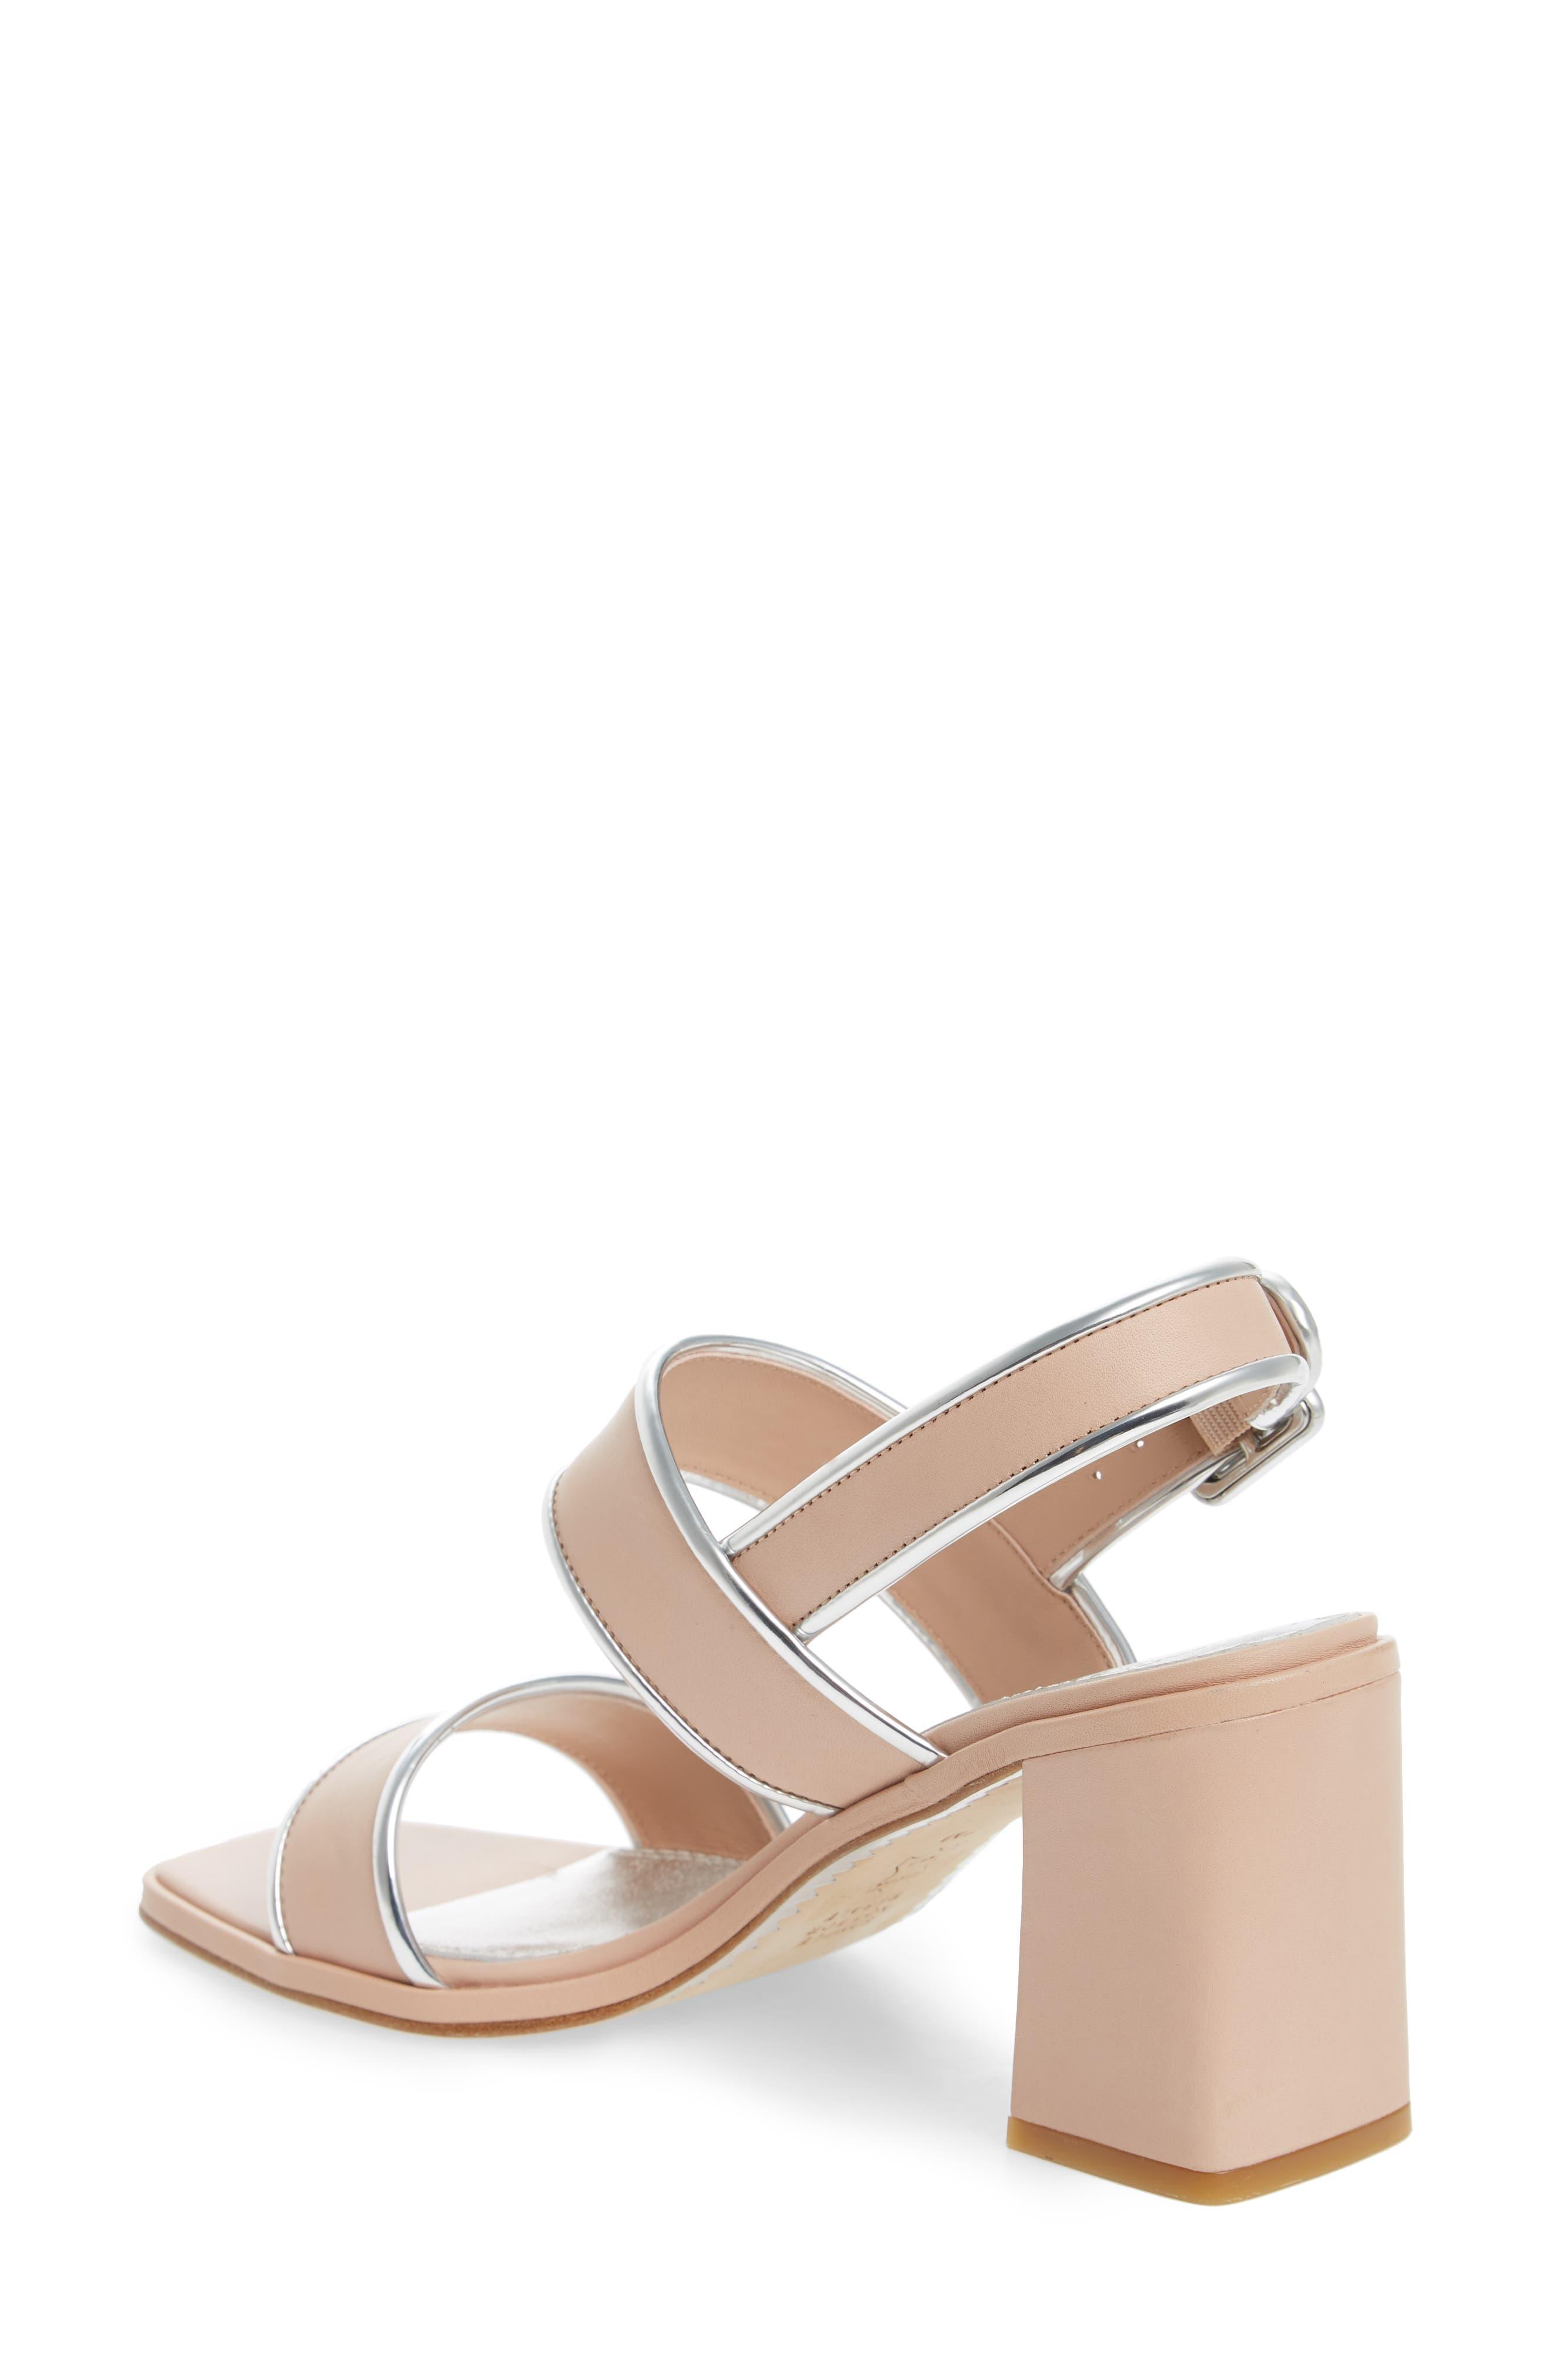 Delaney Double Strap Sandal,                             Alternate thumbnail 8, color,